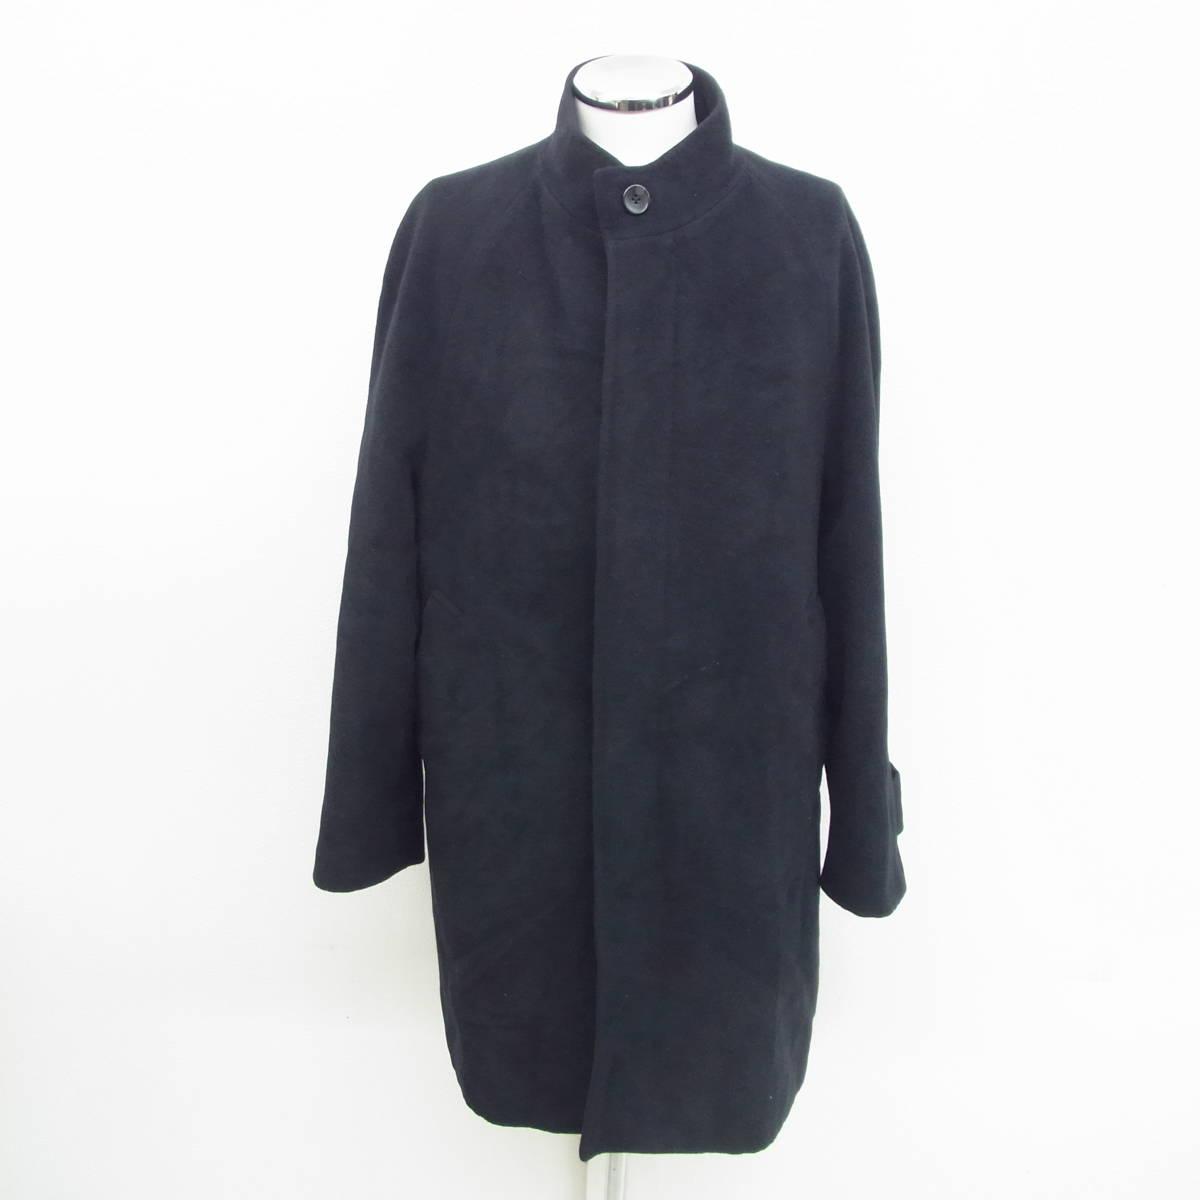 GIORGINI ジョルジーニ アンゴラ 混 コート ジャケット L size ブラック